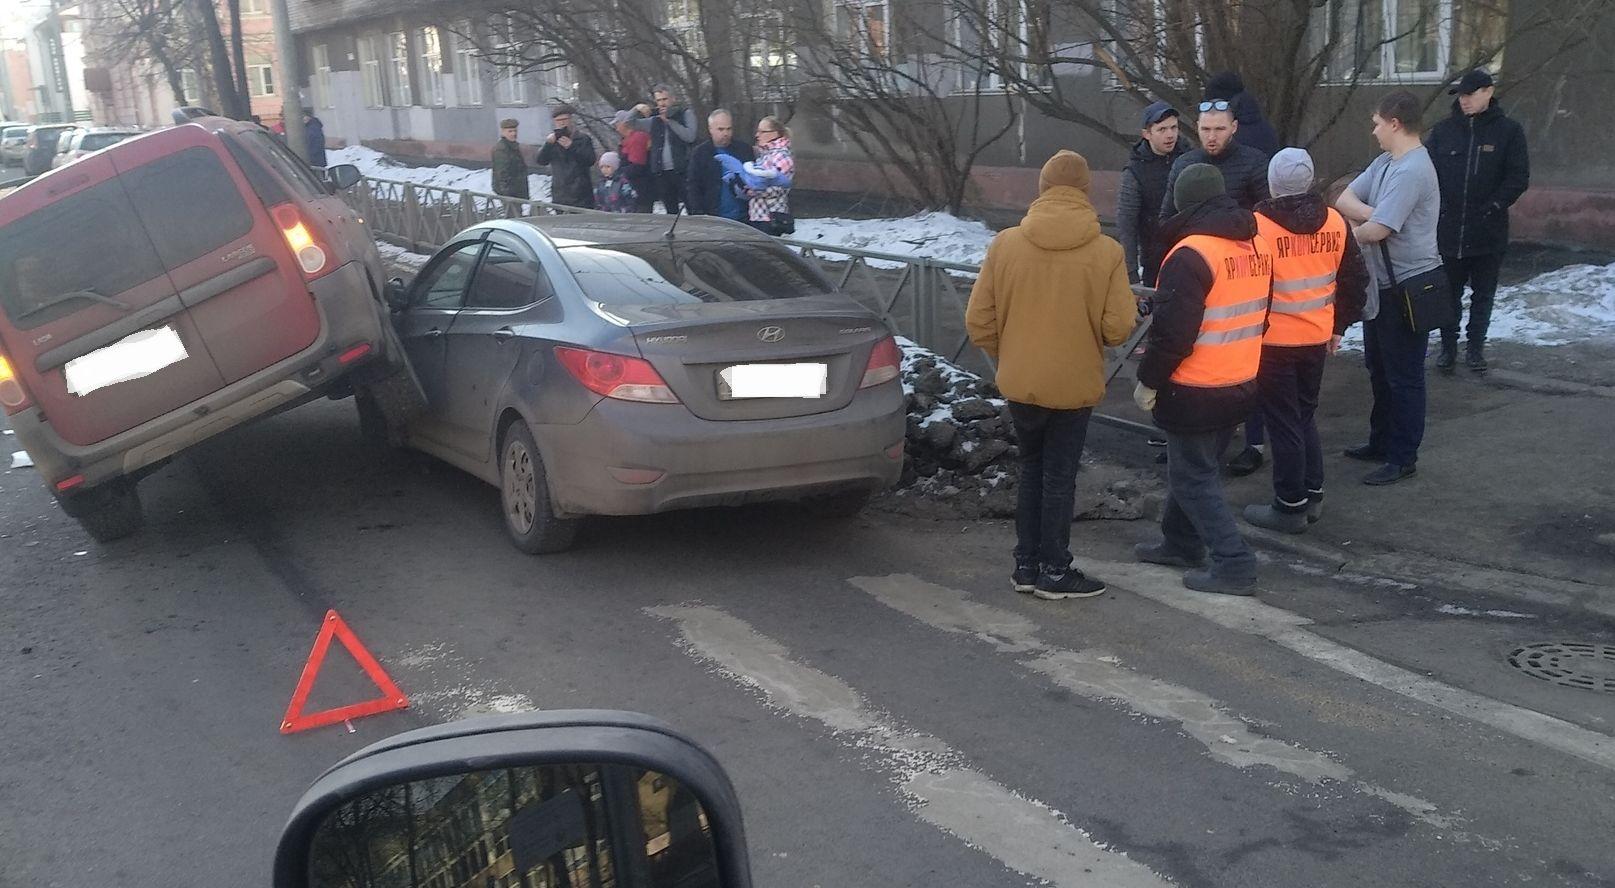 В центре Ярославля «Ларгус» запрыгнул на «Солярис»: кадры